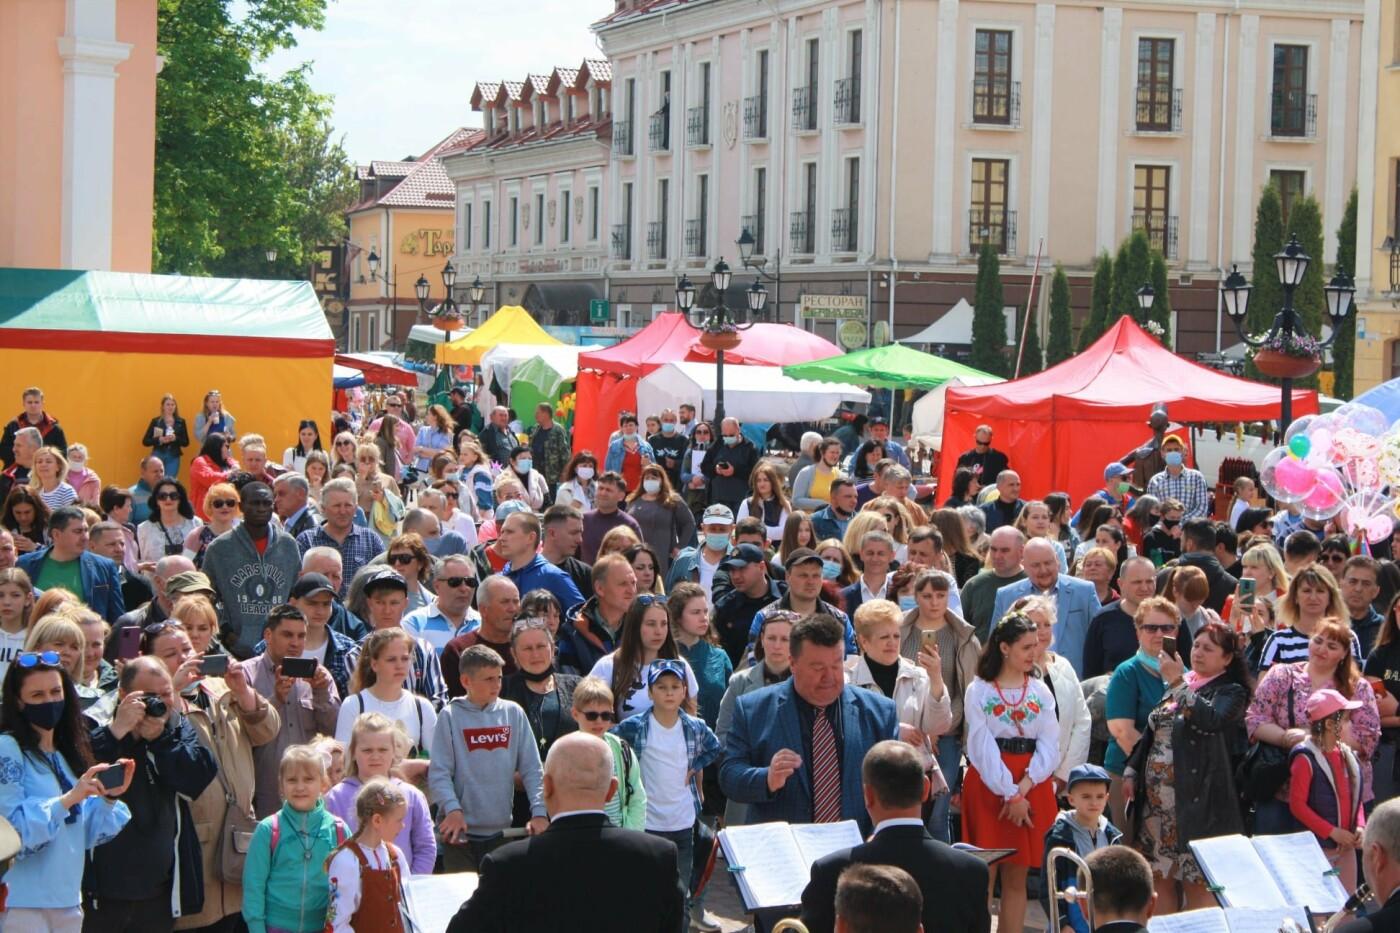 Кам'янець-Подільський святкує День міста, фото-1, Фото: Кам'янець-Подільська міська рада